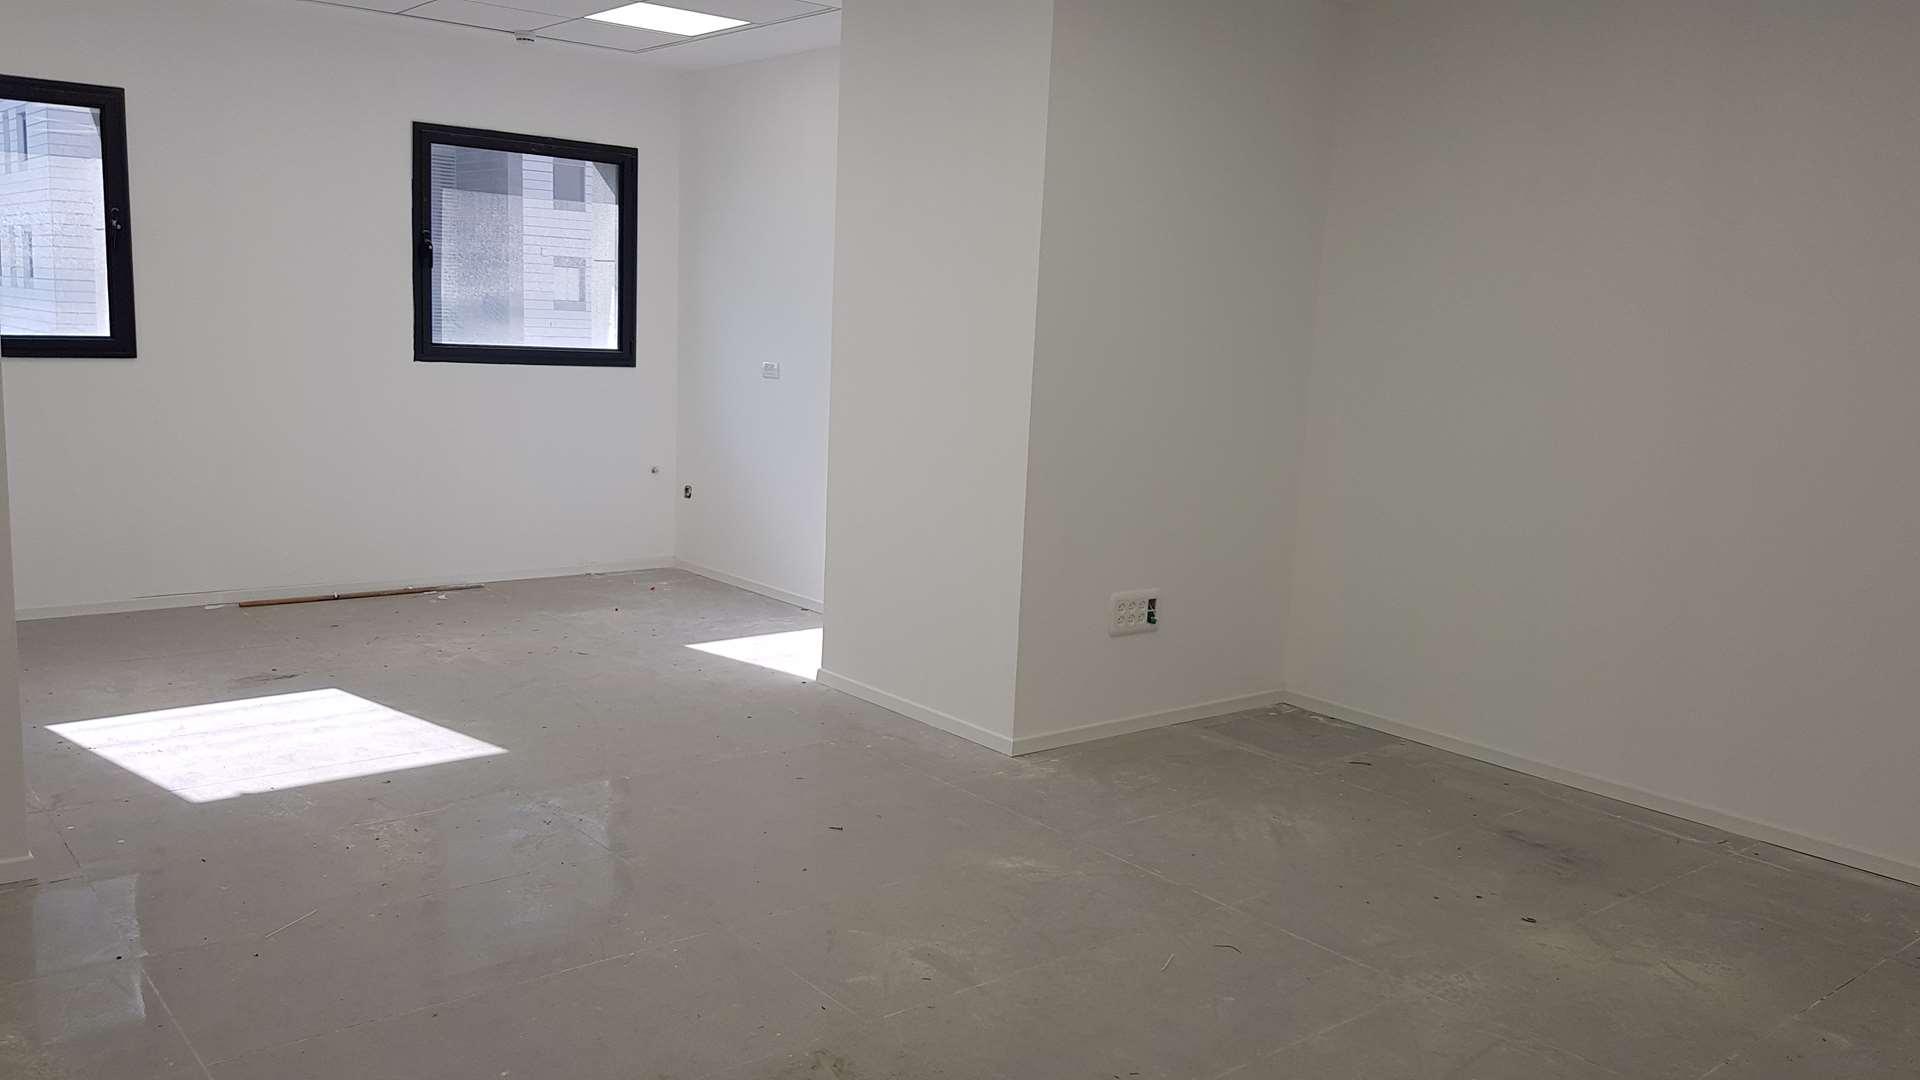 משרדים להשכרה,  אחד העם 9, חדרה